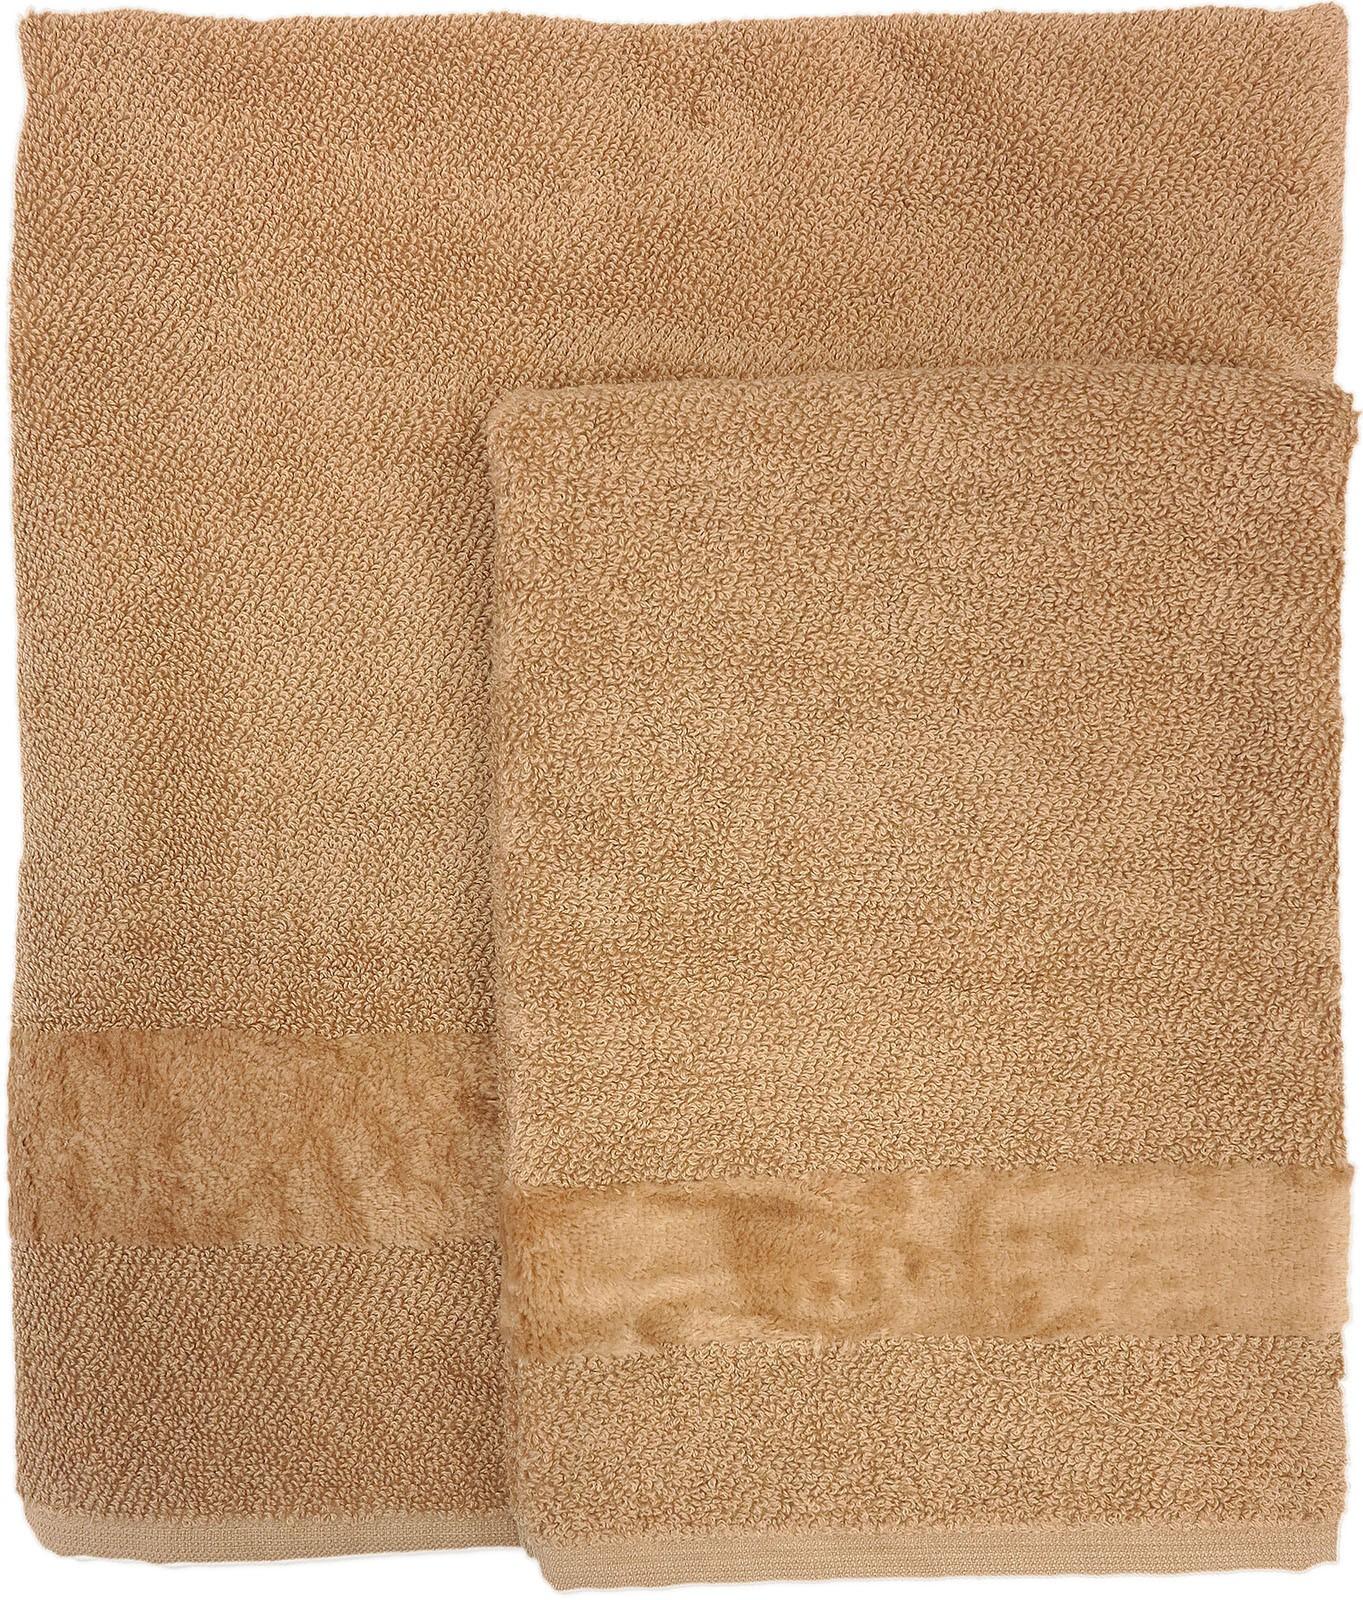 Carrara Asciugamano Ospite cm 40x55 in 100/% Spugna di Cotone Naturale FYBER col PZ 1 cm 40x55 012 Bianco